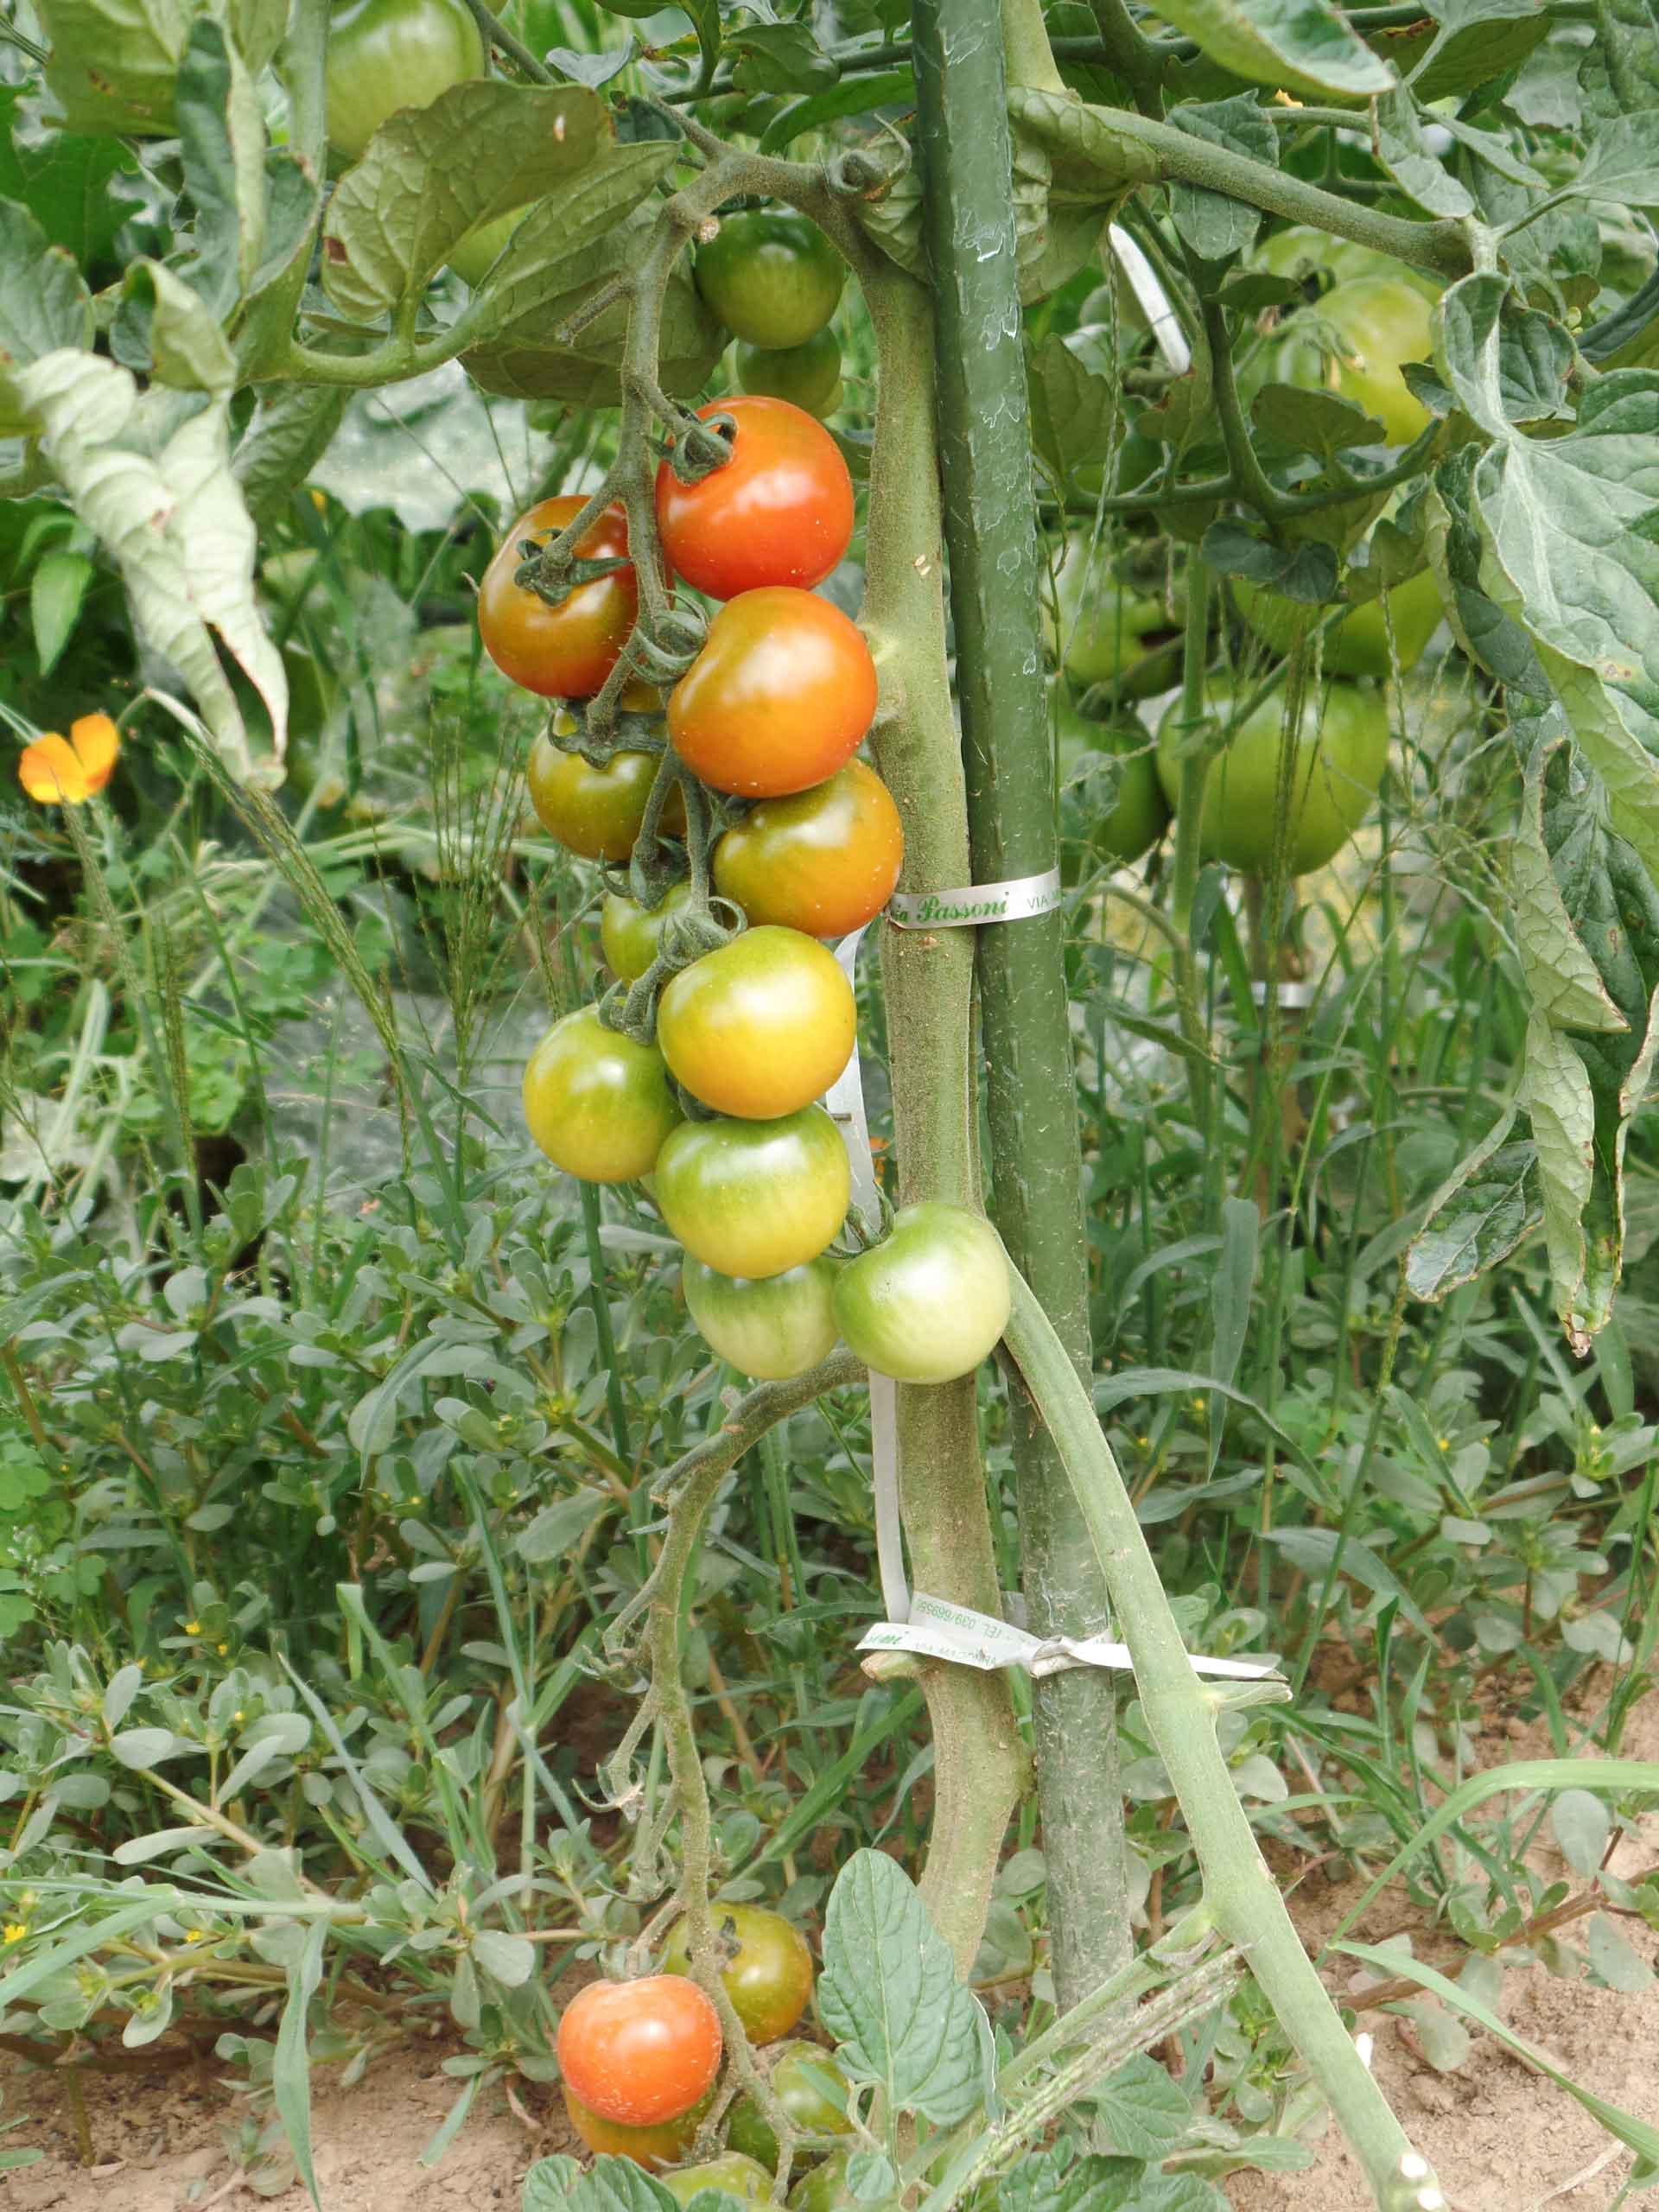 Sostegni Per Pomodori In Vaso la sfemminellatura dei pomodori - stocker garden